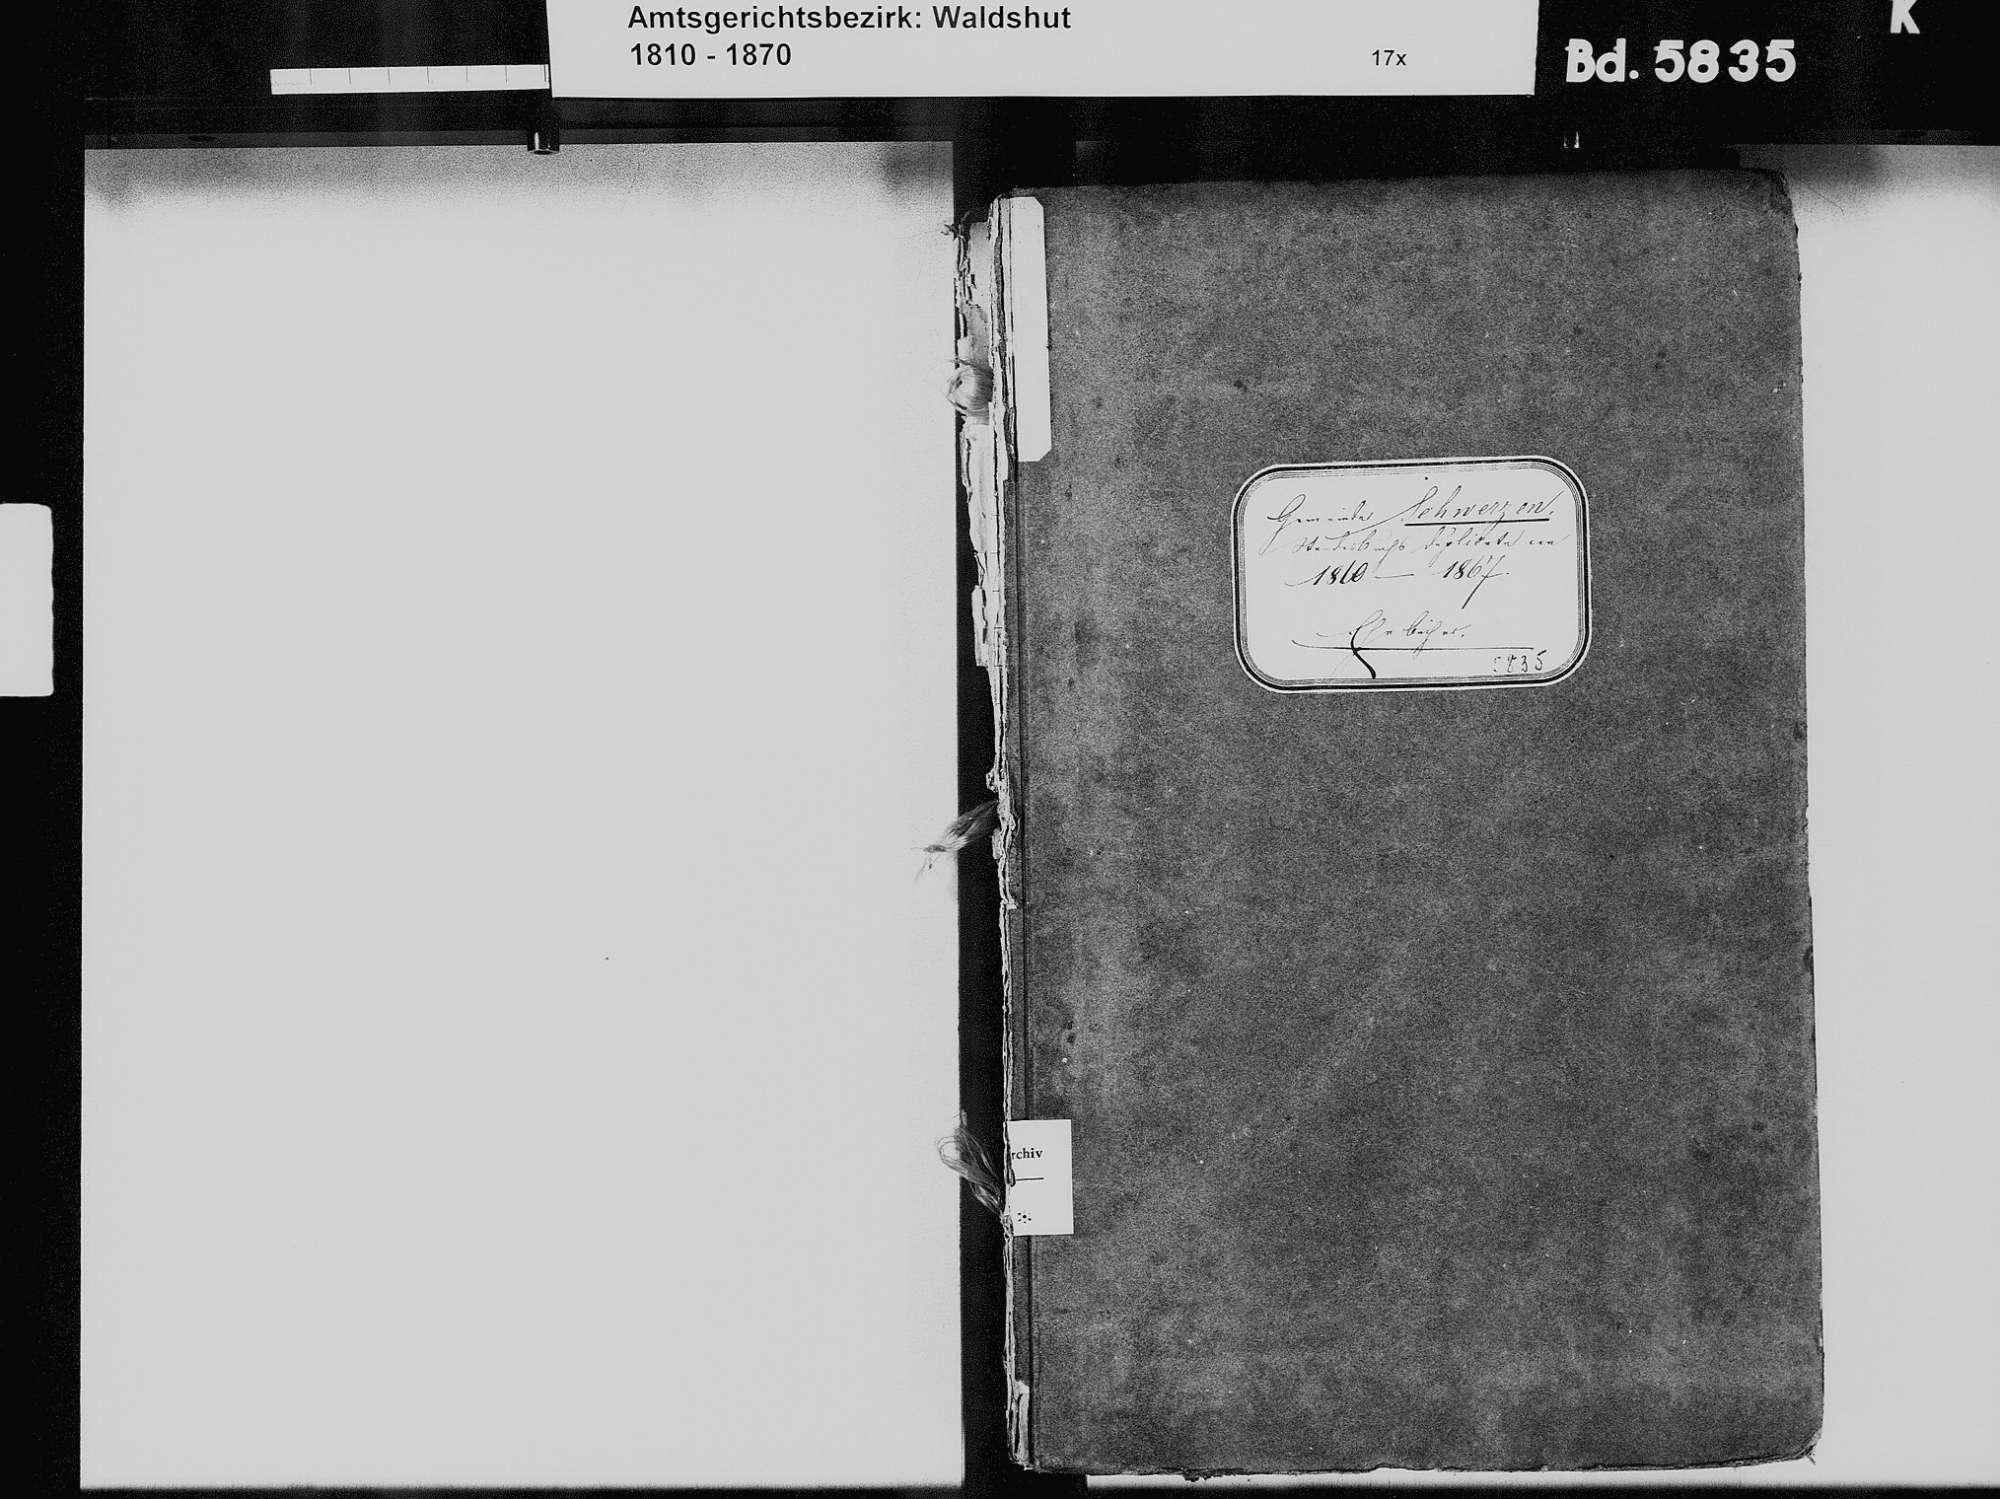 Schwerzen, Wutöschingen WT; Katholische Gemeinde: Heiratsbuch 1810-1869 Schwerzen, Wutöschingen WT; Katholische Gemeinde: Sterbebuch 1827-1828, 1831-1833, Bild 2